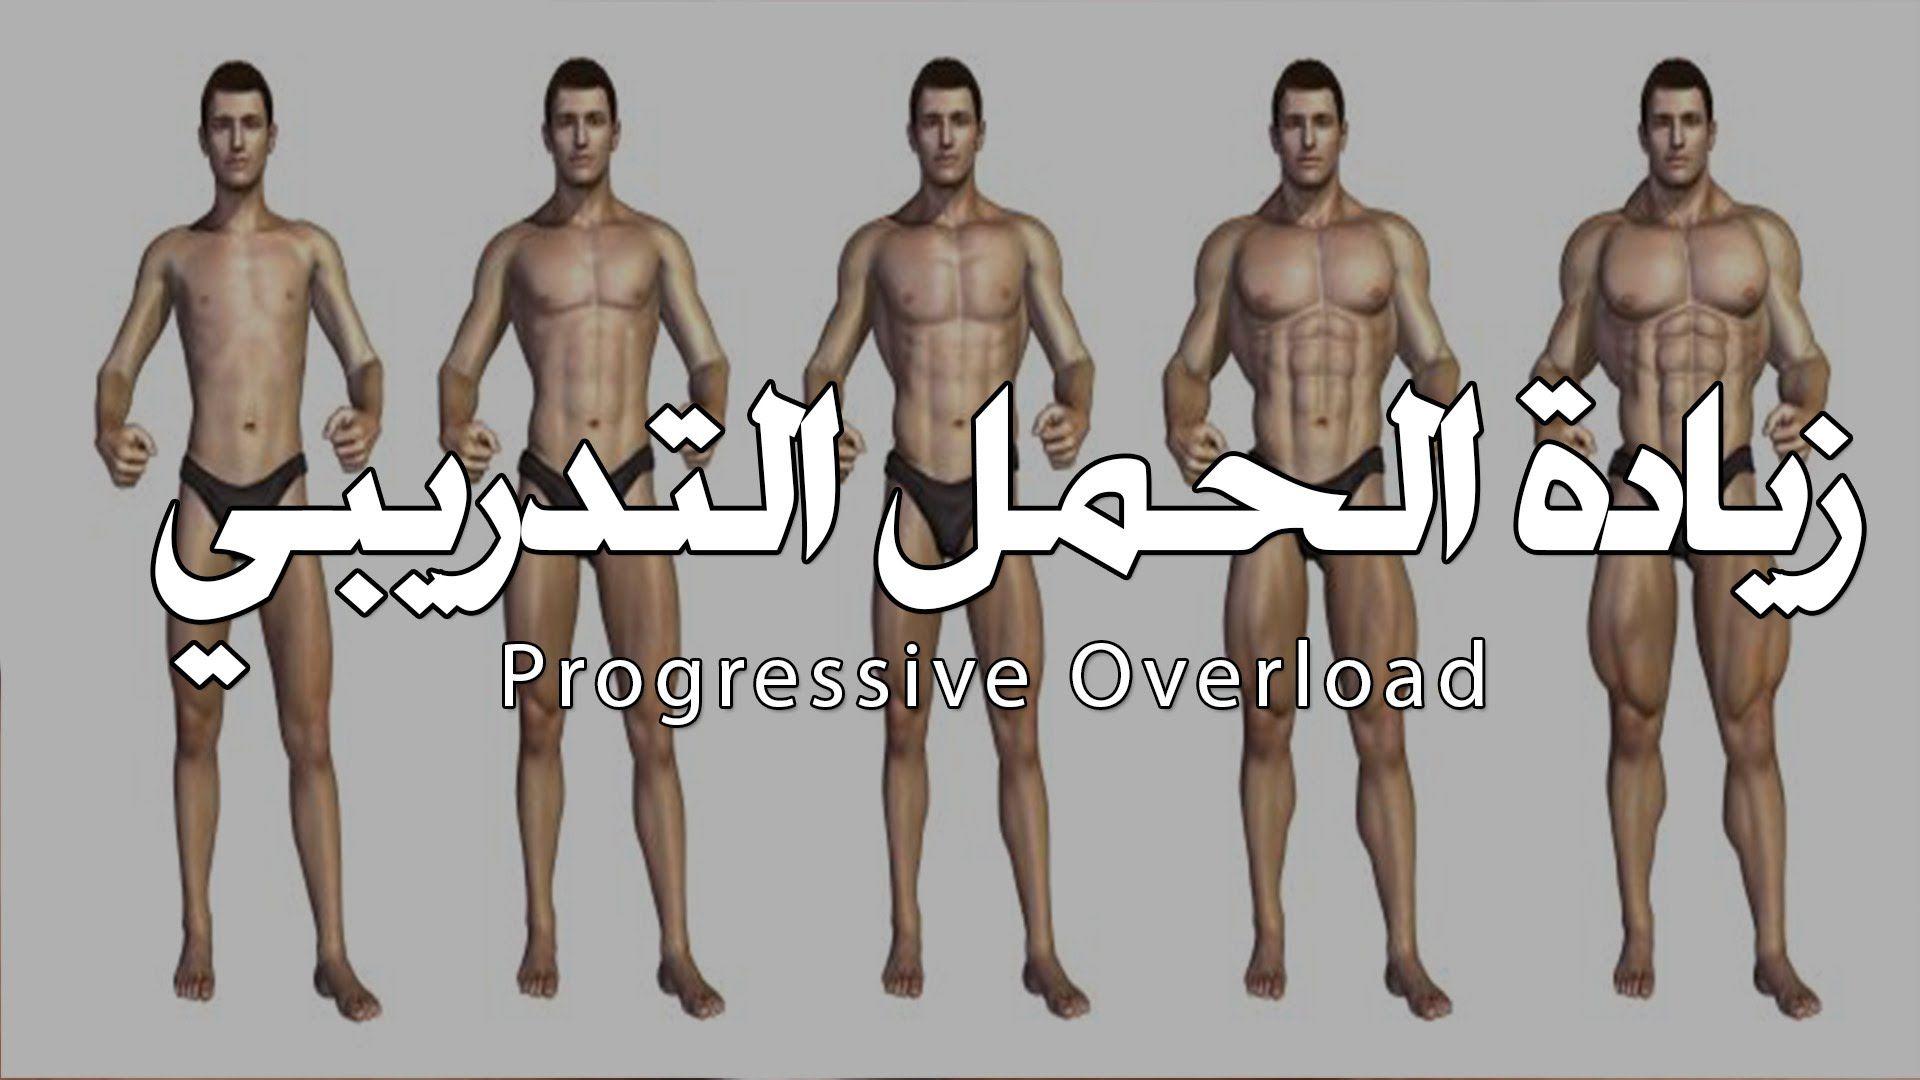 زيادة الحمل التدريبي كمال اجسام Movie Posters Movies Poster